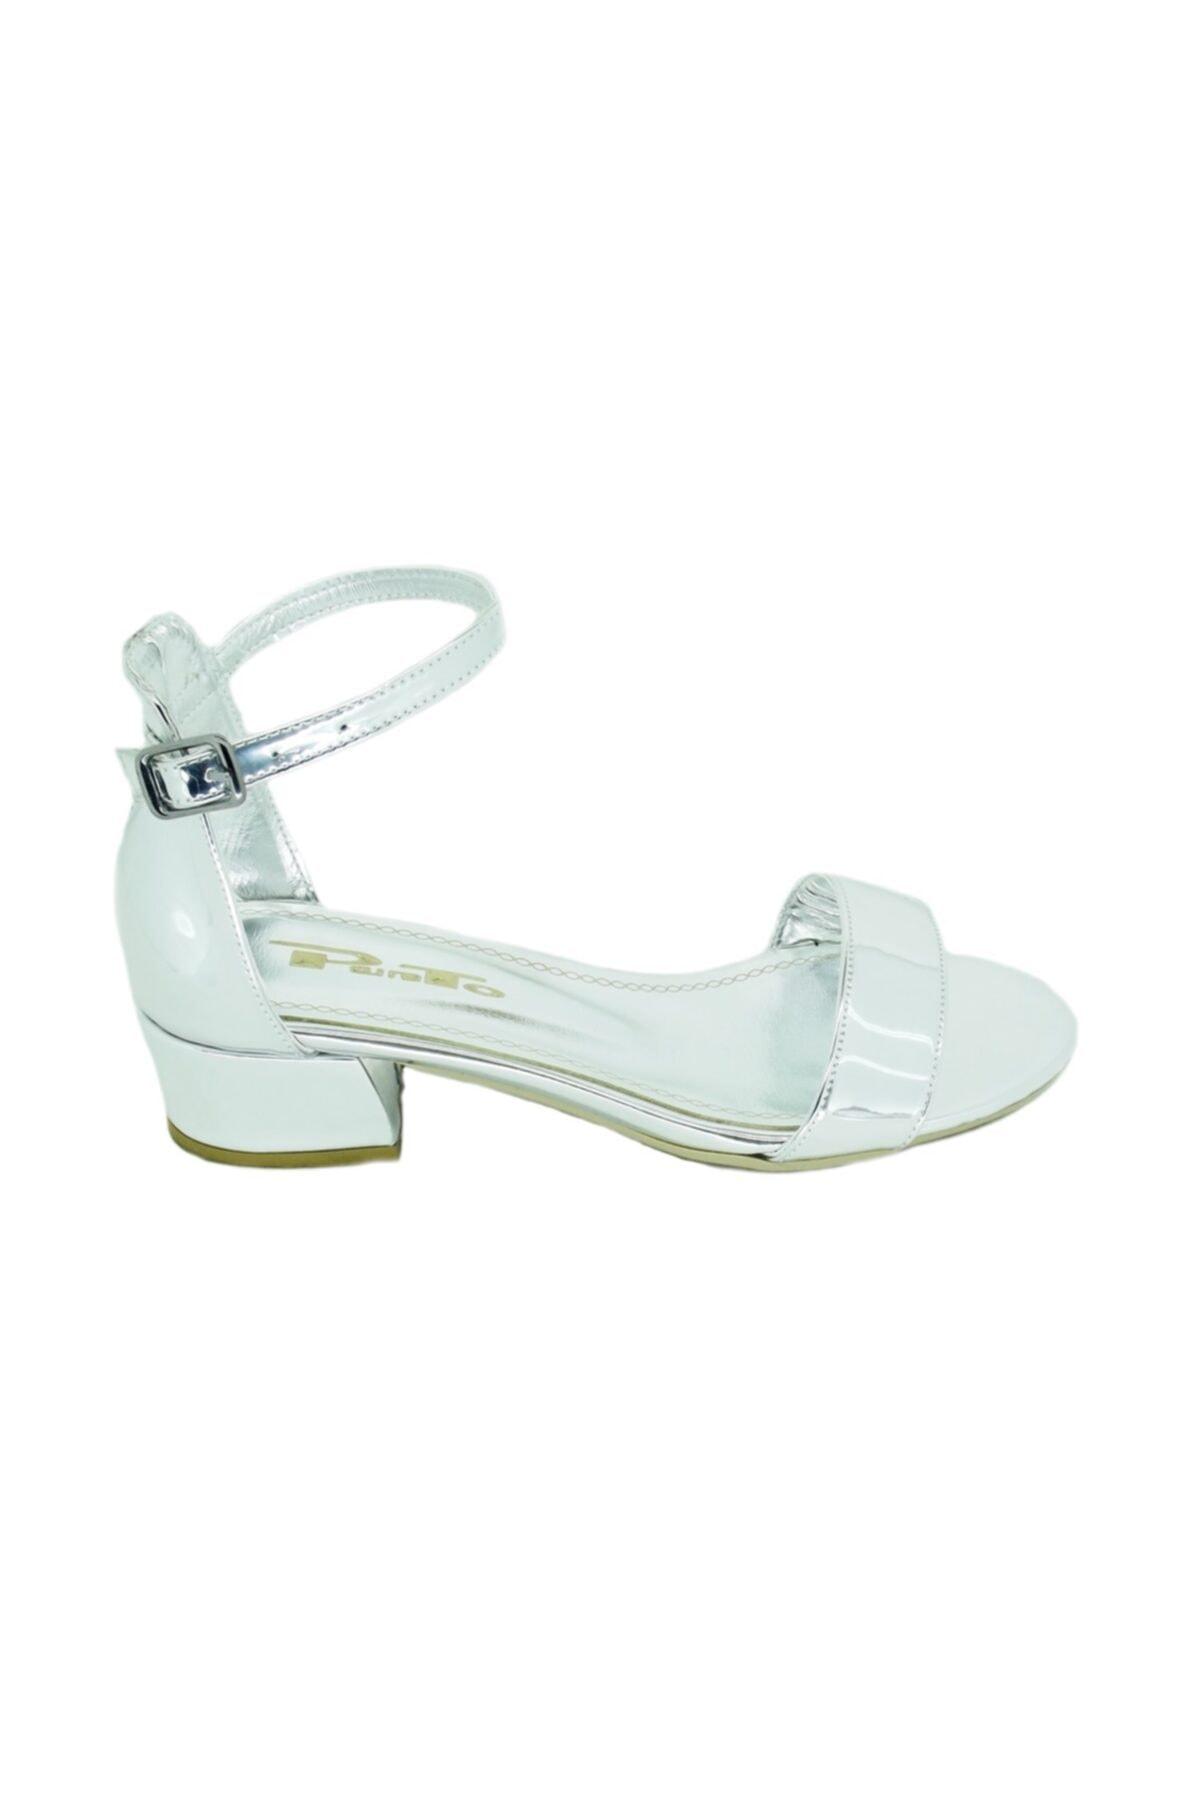 PUNTO Kadın Gümüş Kalın Topuk Tek Bantlı Ayakkabı 456038 2